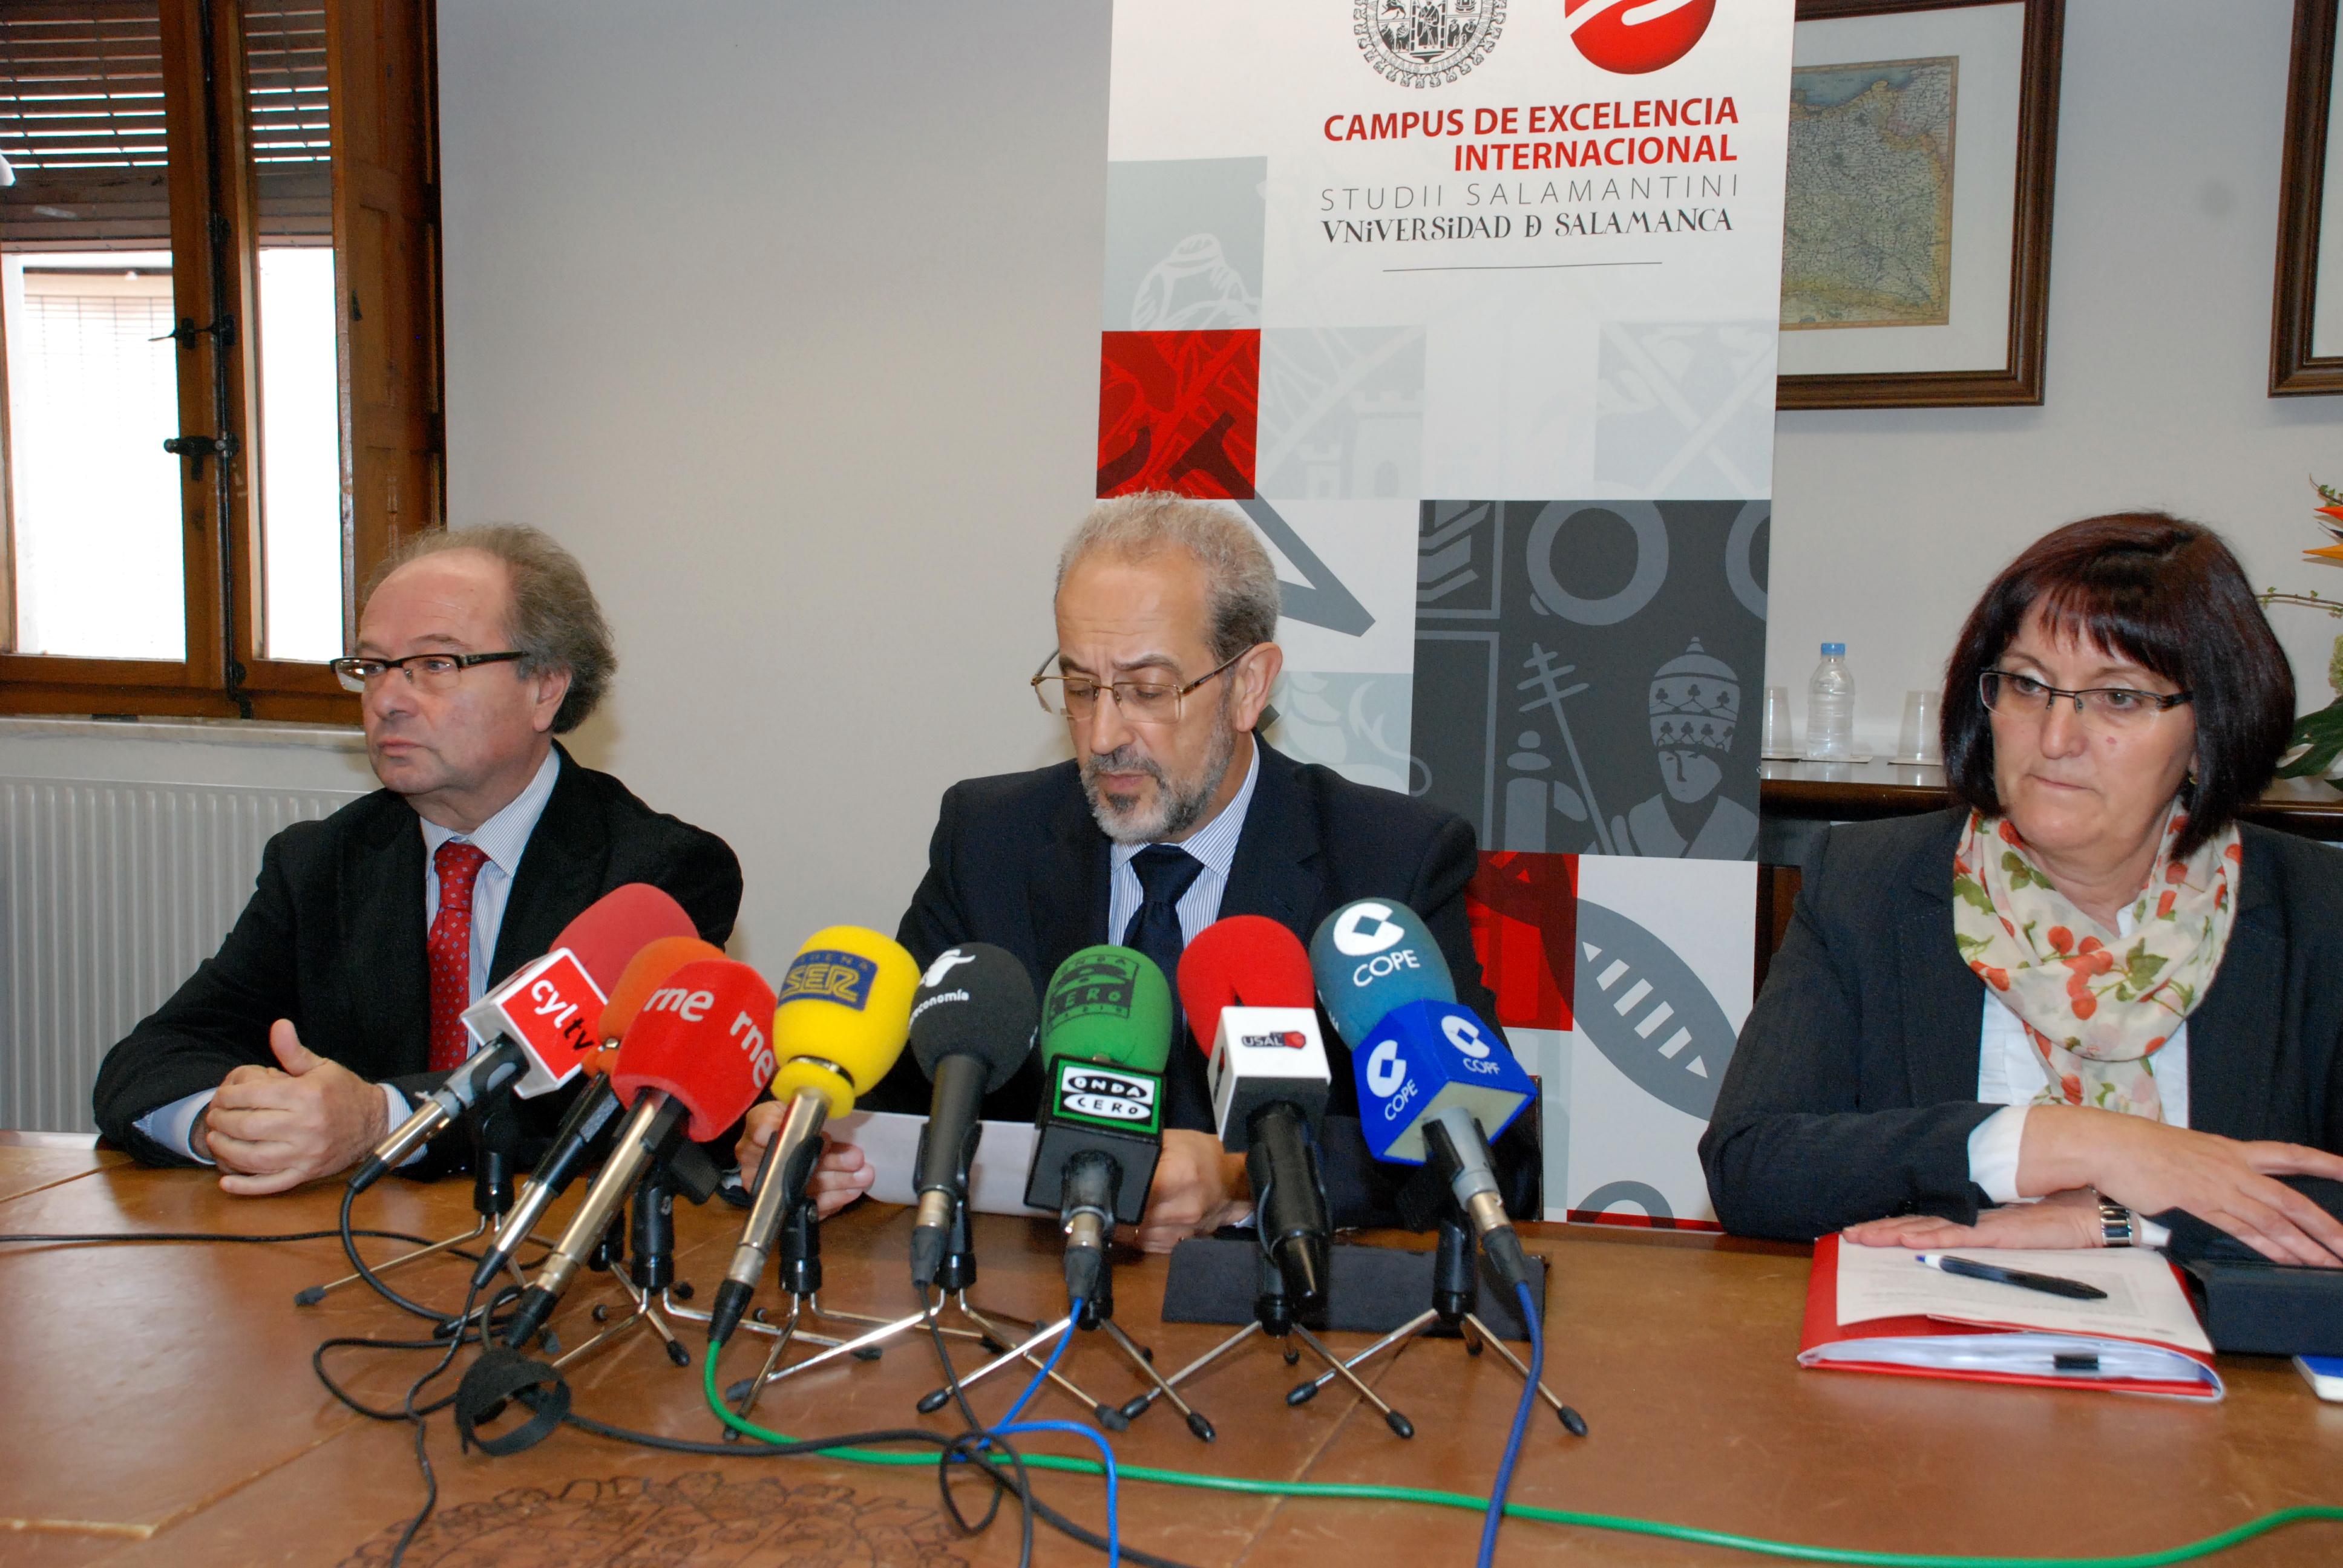 La Facultad de Filología acoge la Jornada de Estudio en honor a Nuno Júdice, XXII Premio Reina Sofía de Poesía Iberoamericana